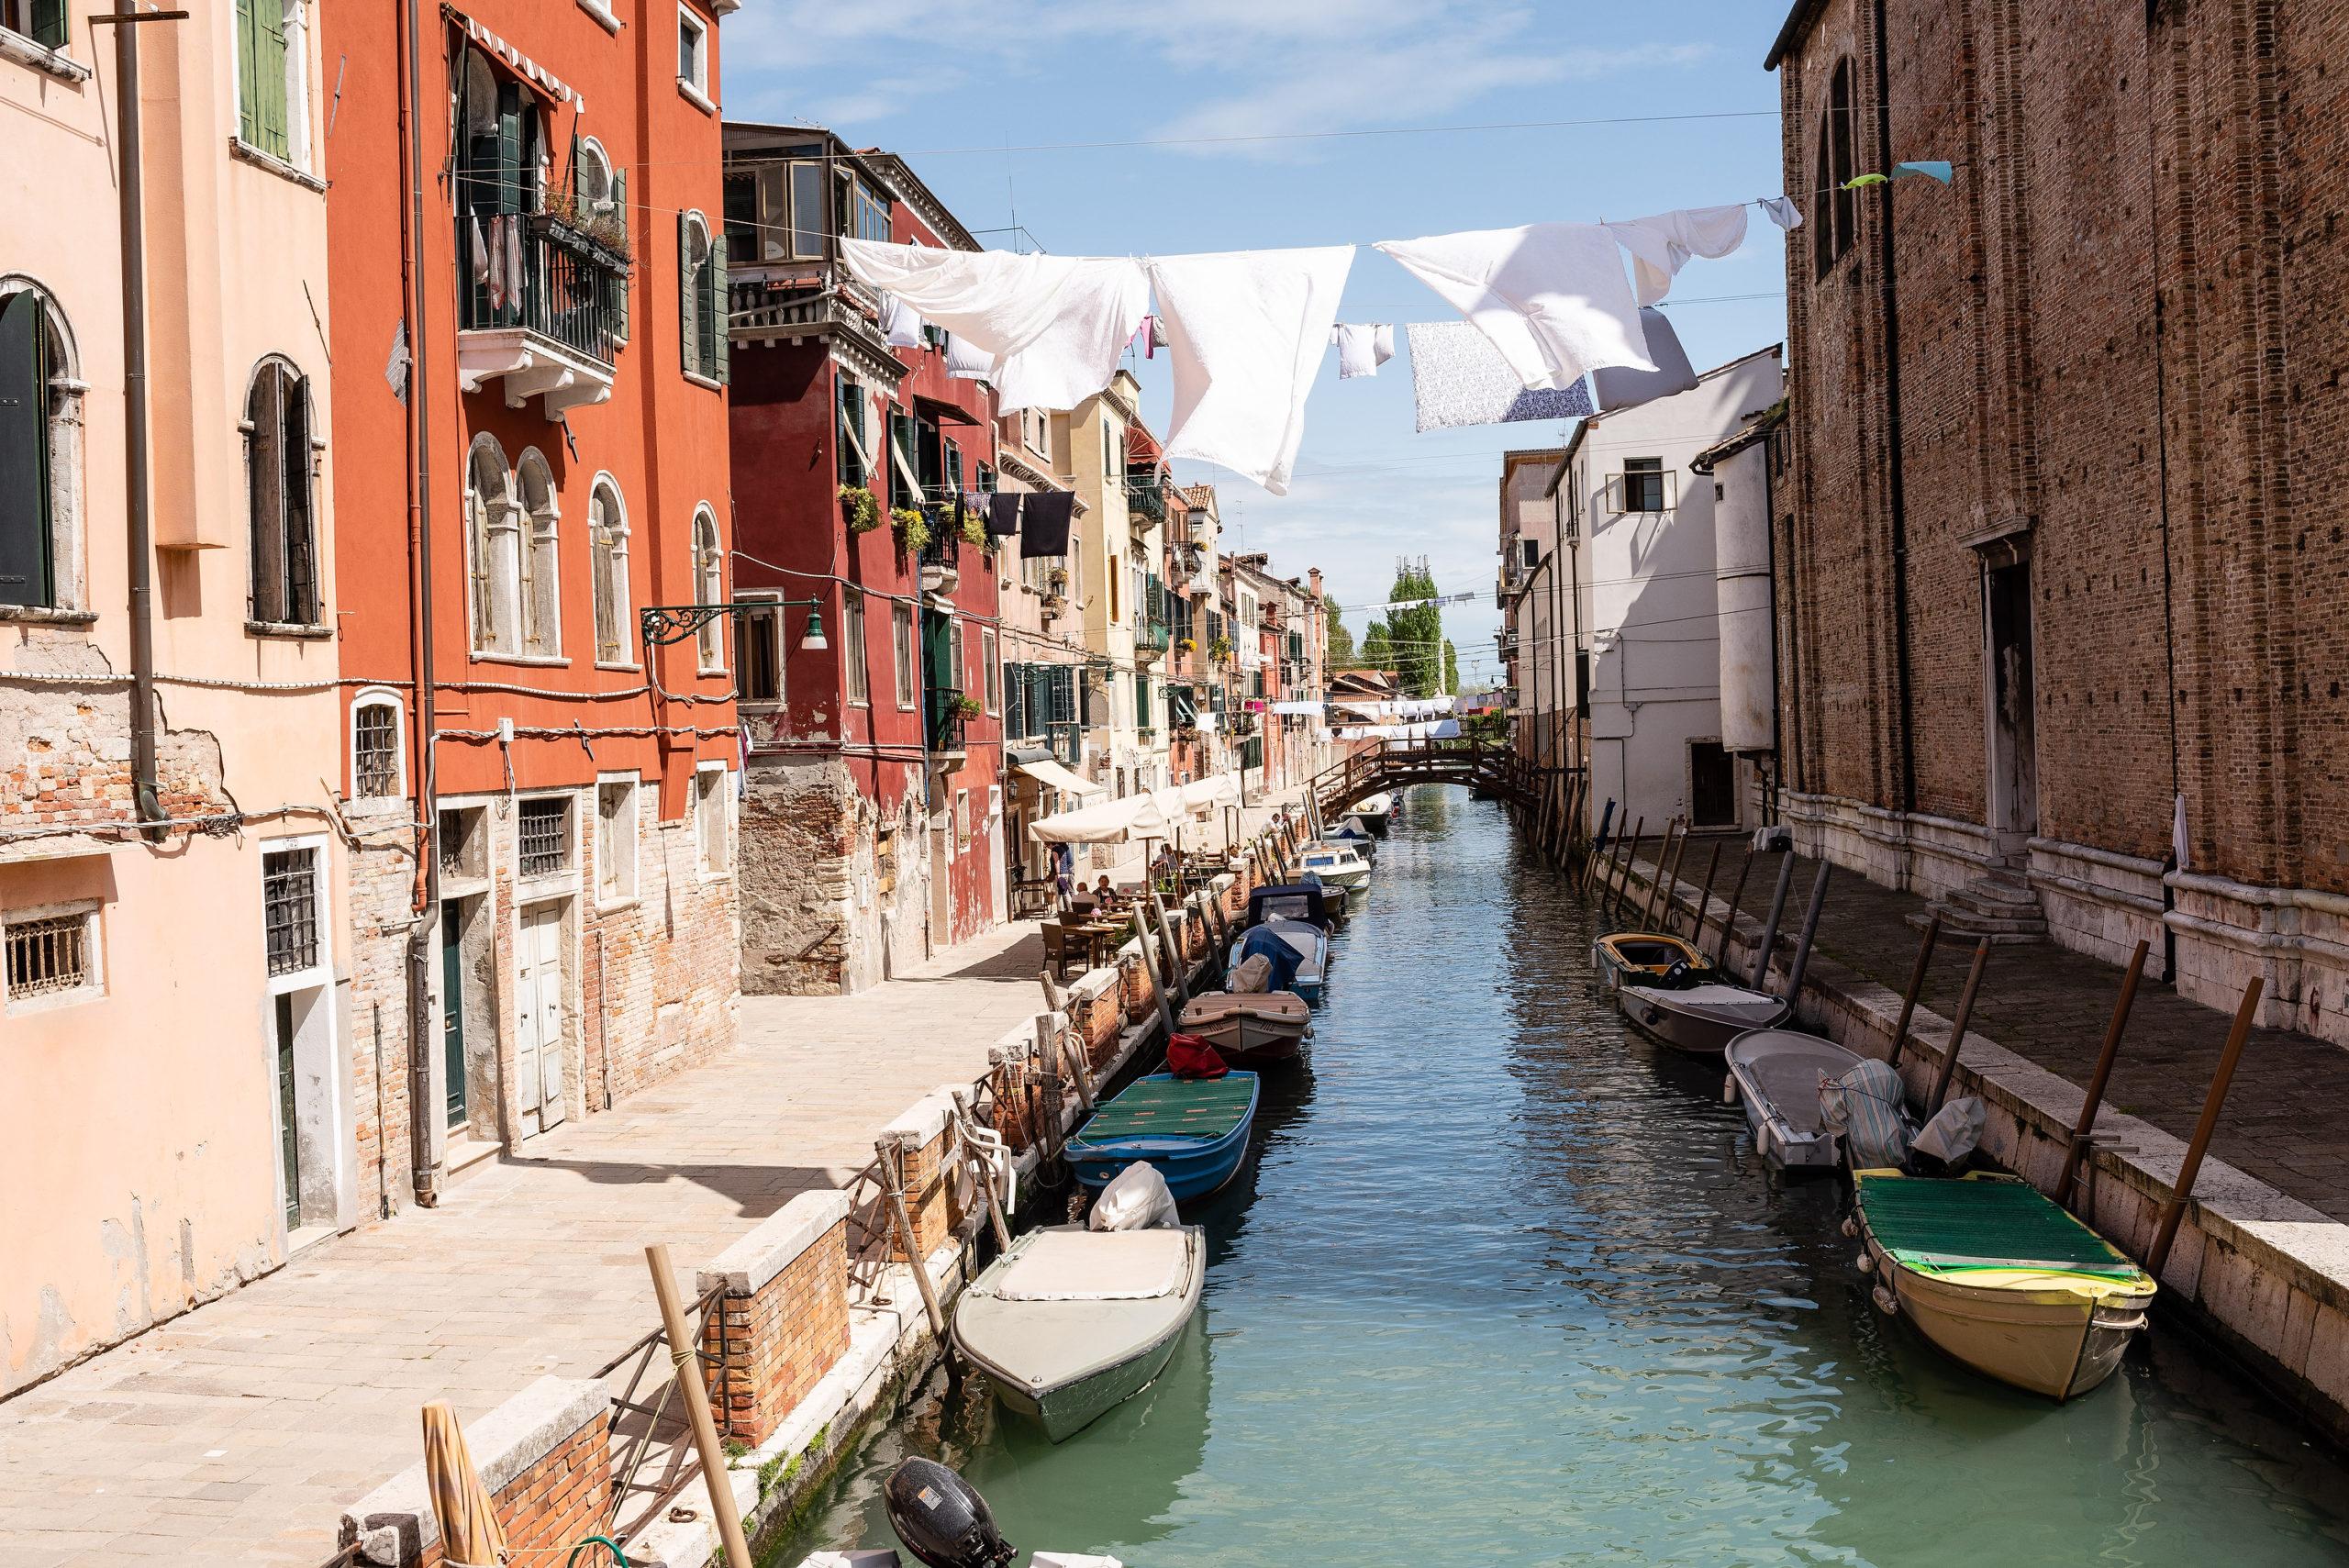 Venise populaire